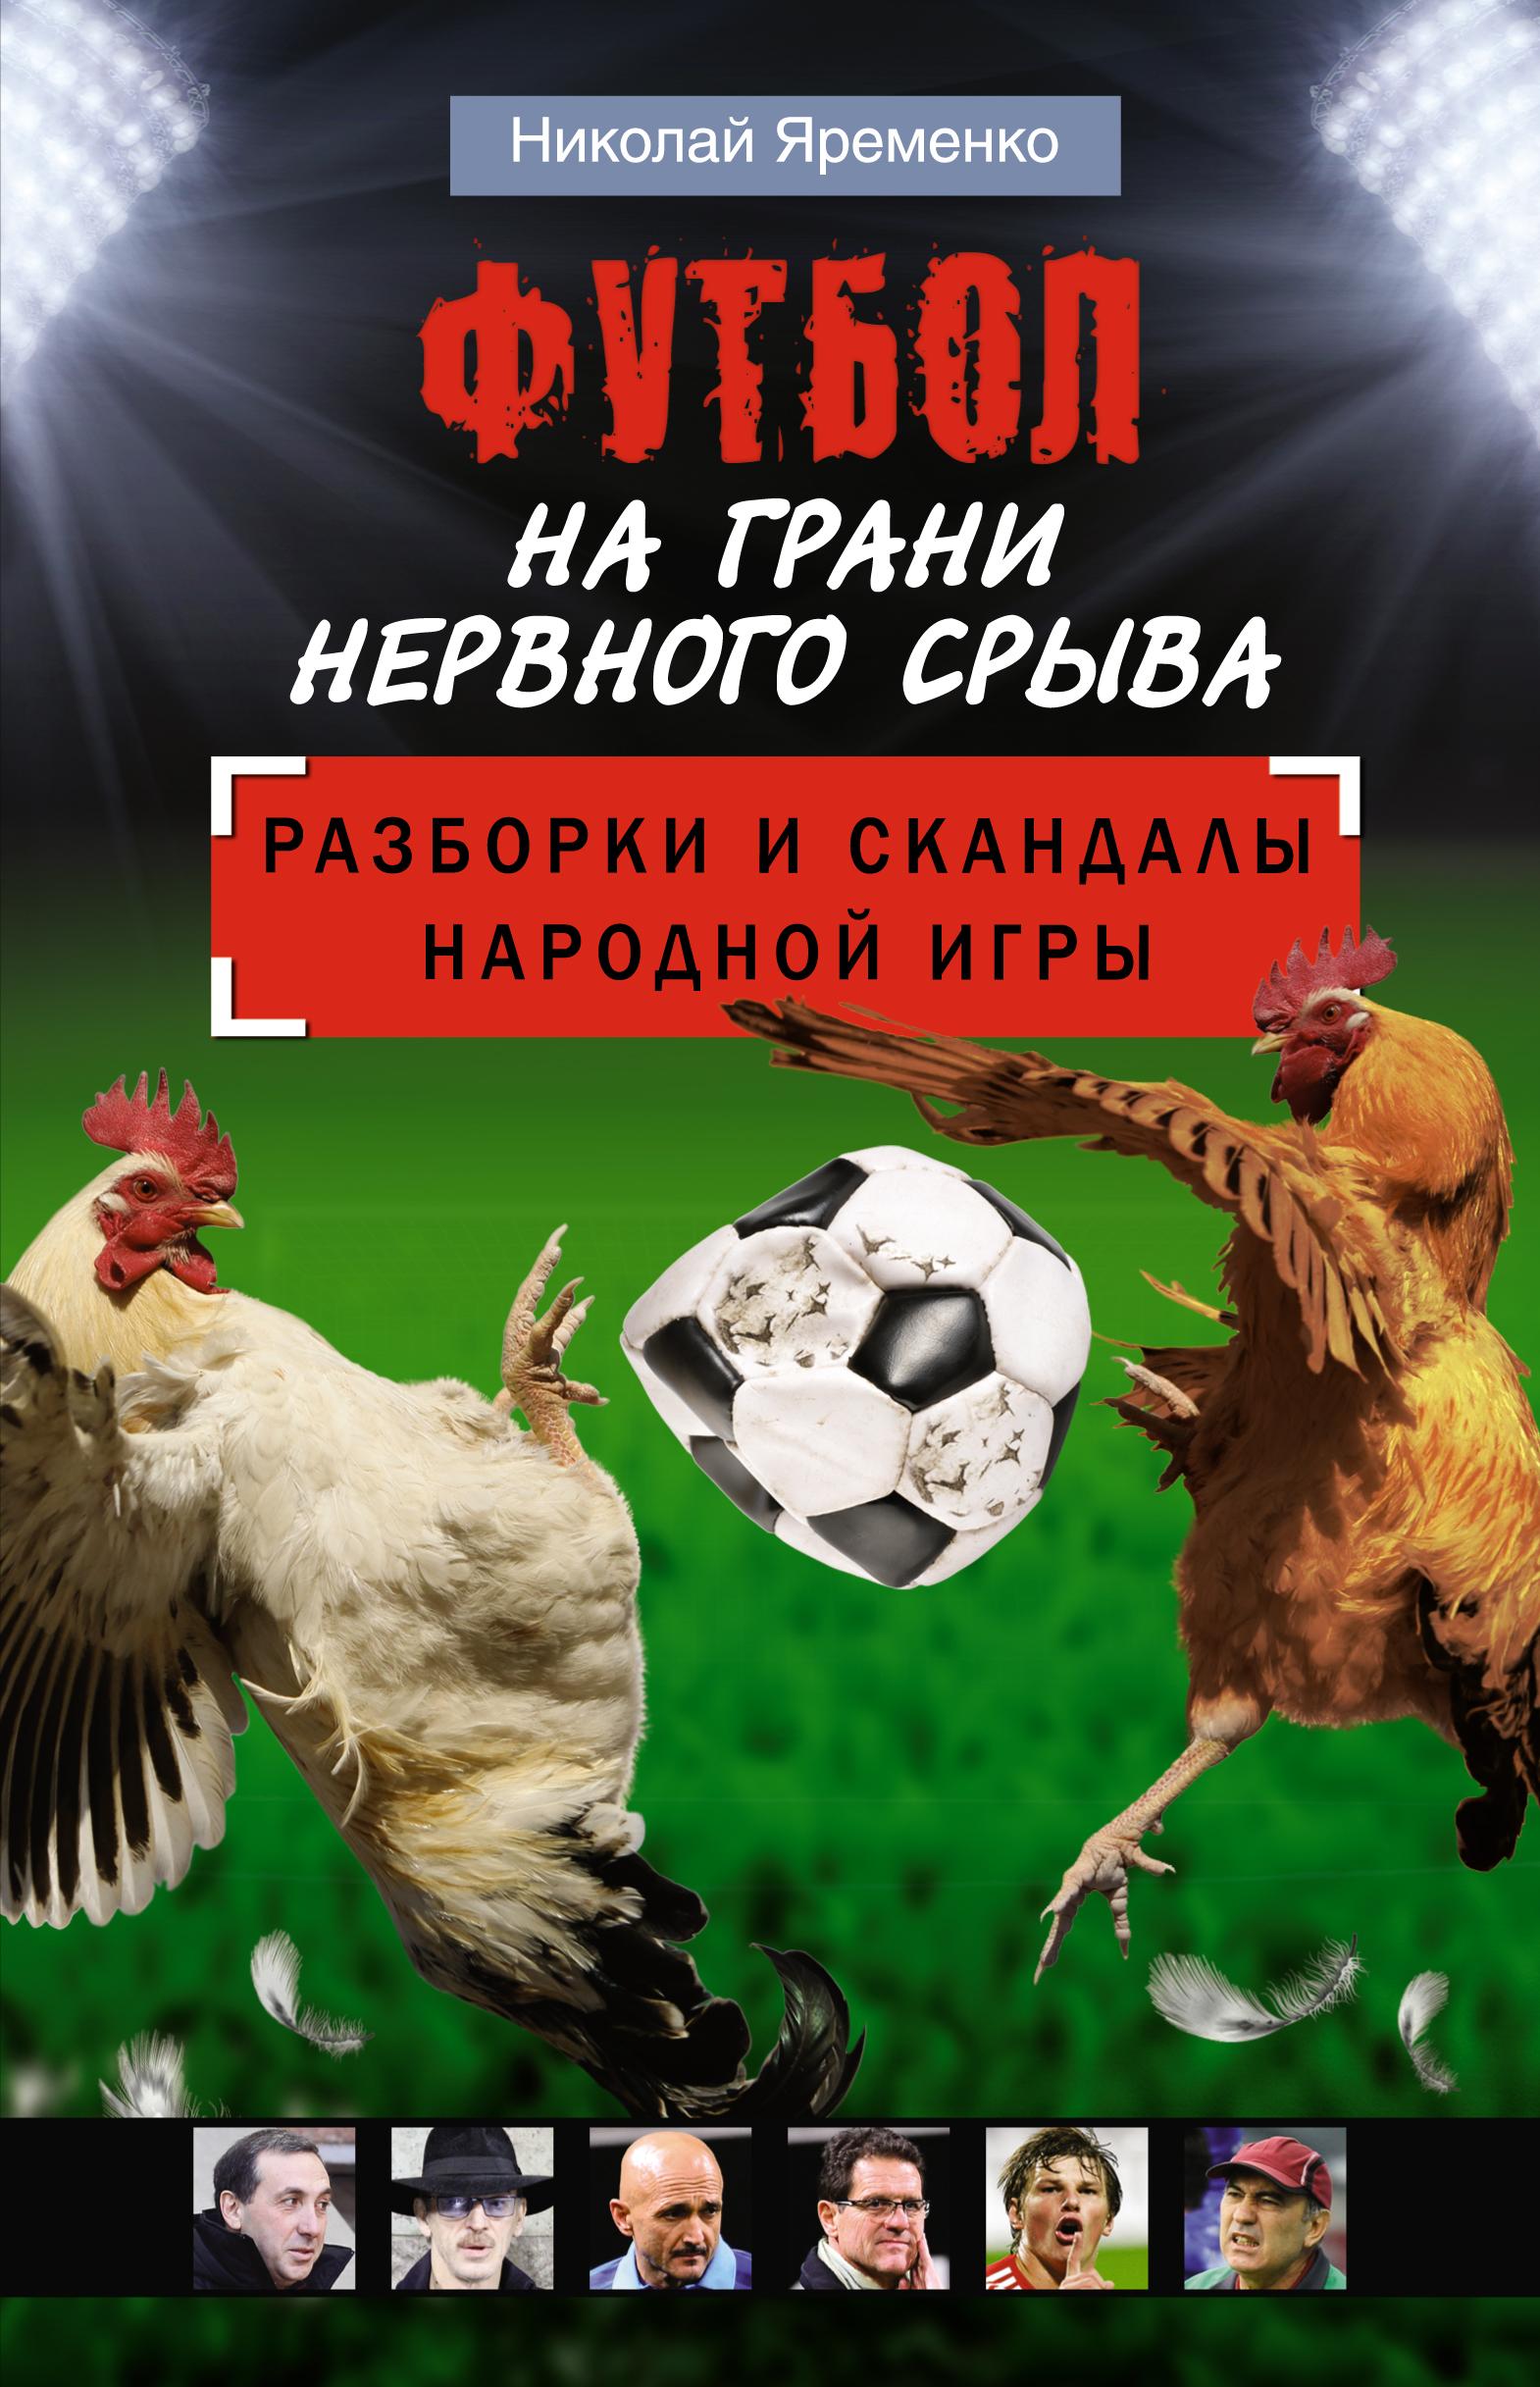 Н Яременко Футбол на грани нервного срыва